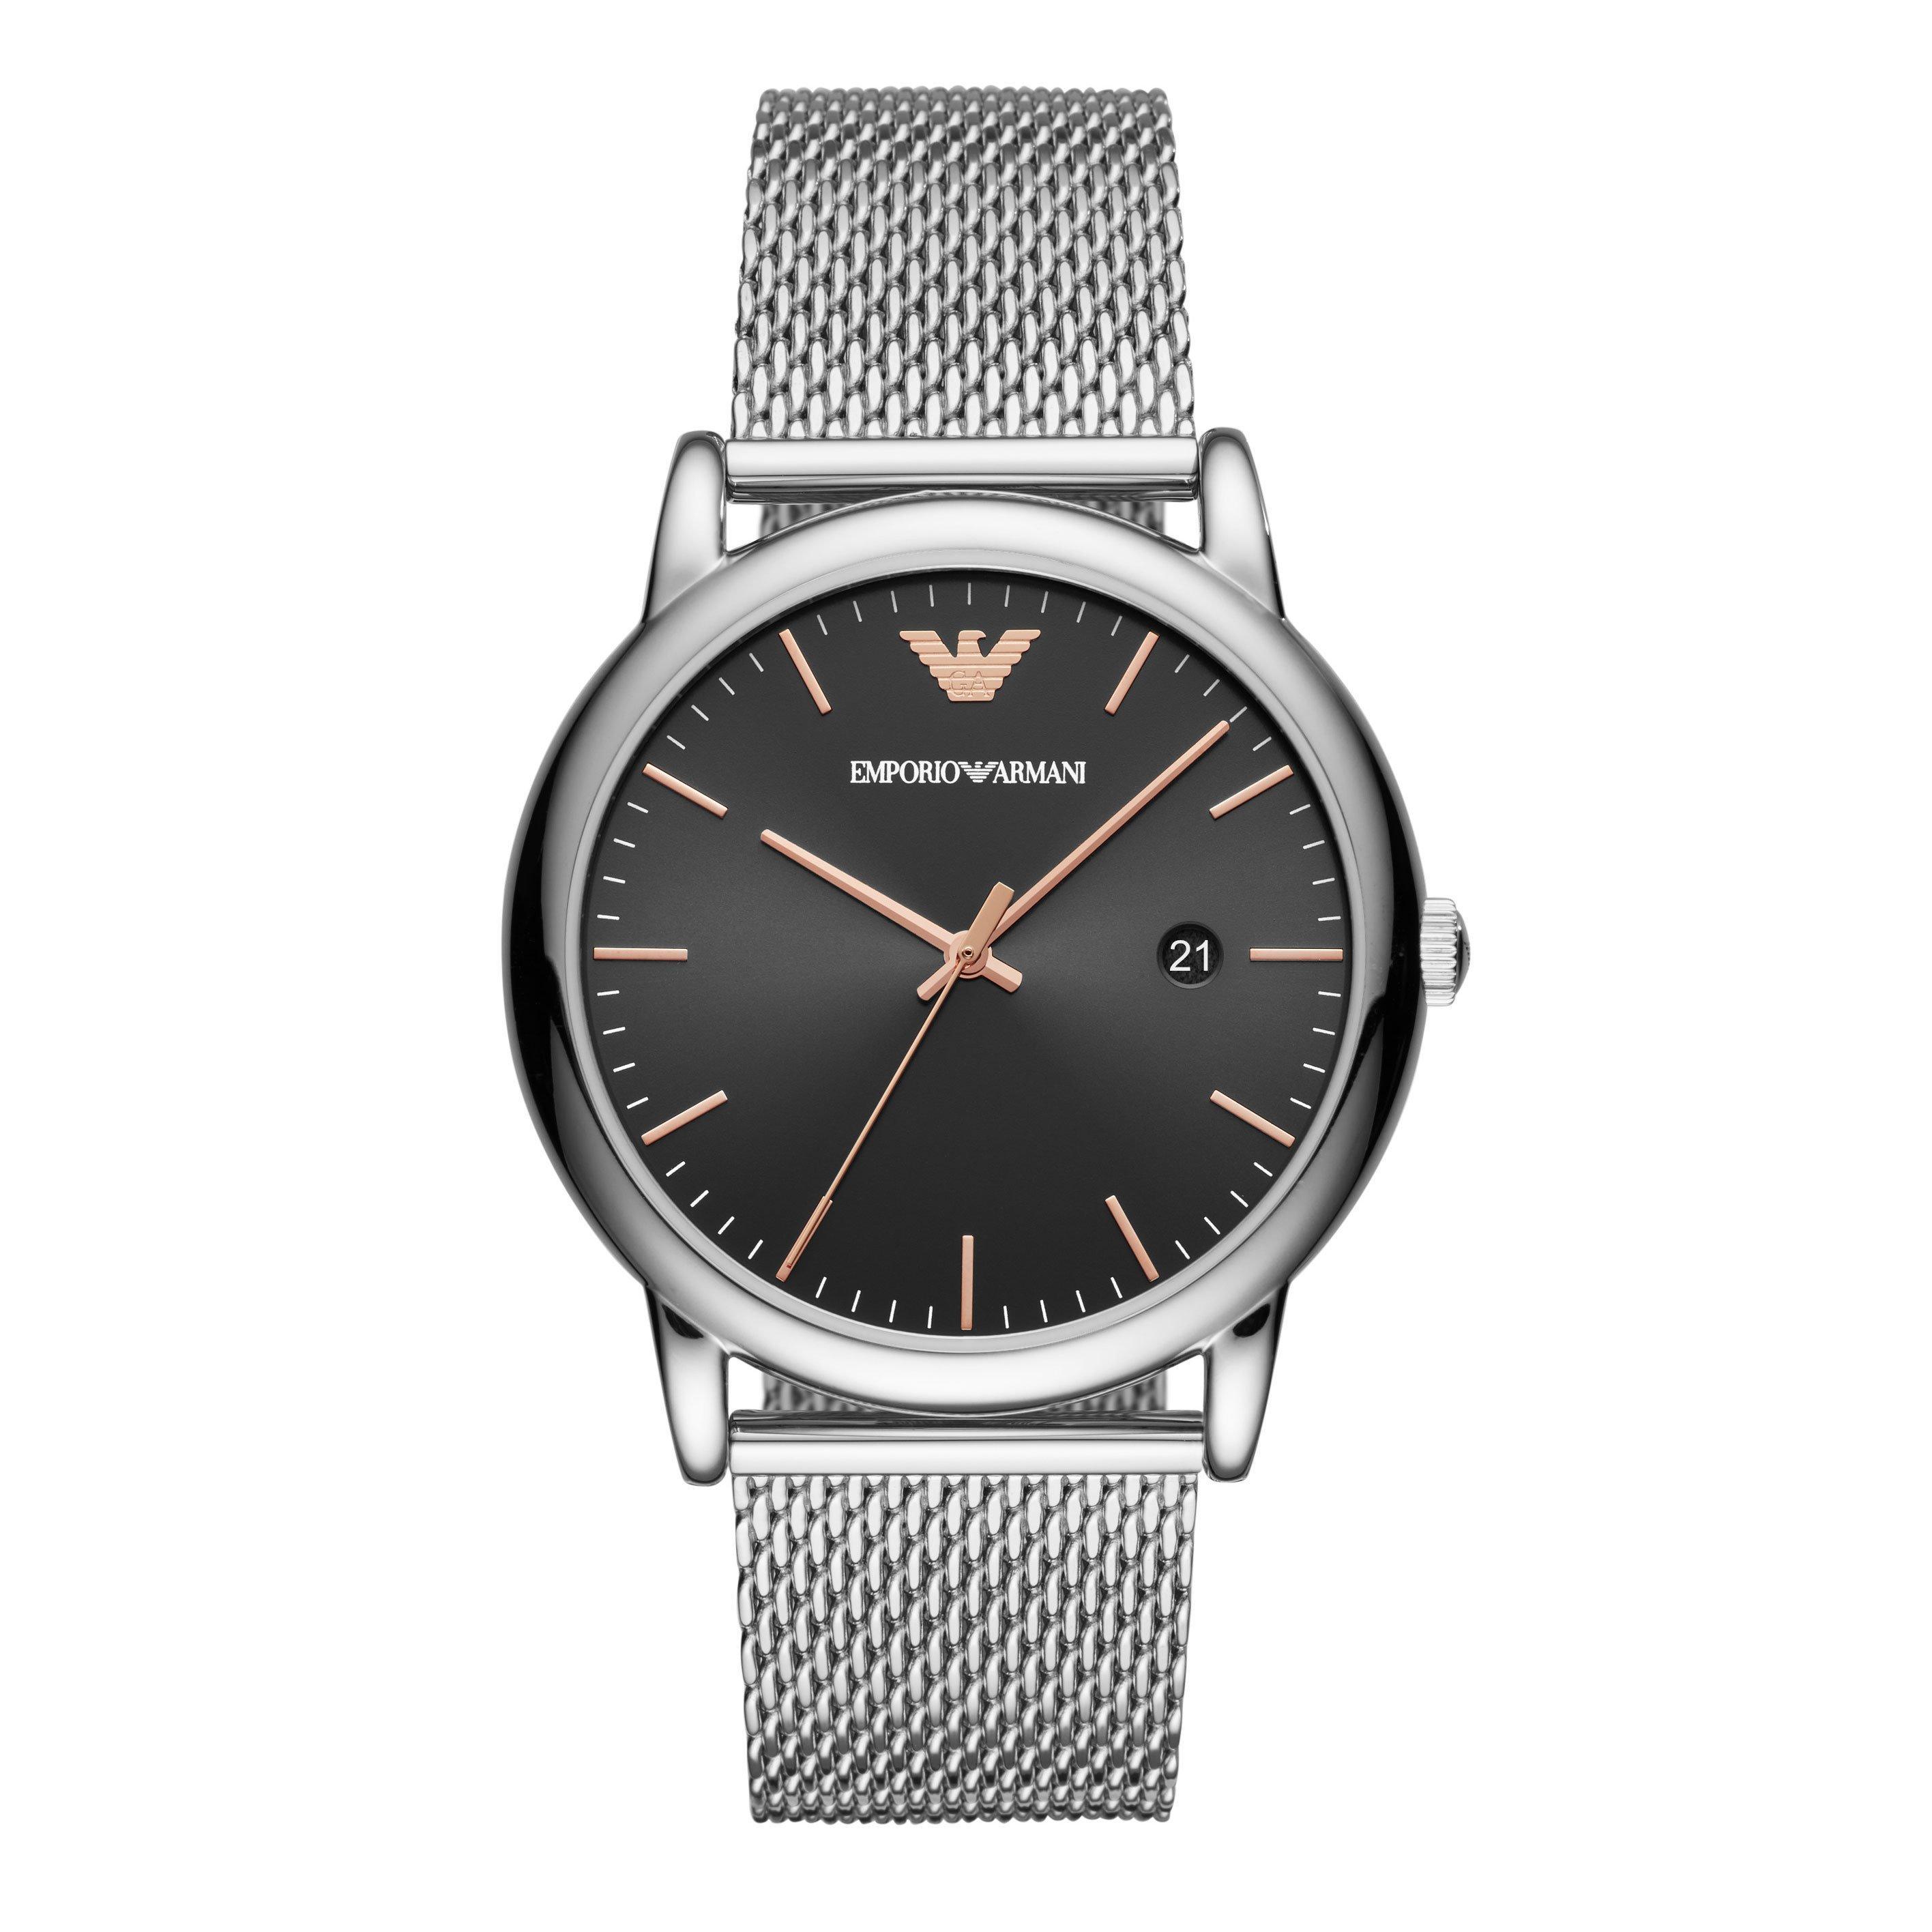 Emporio Armani Mesh Men's Watch